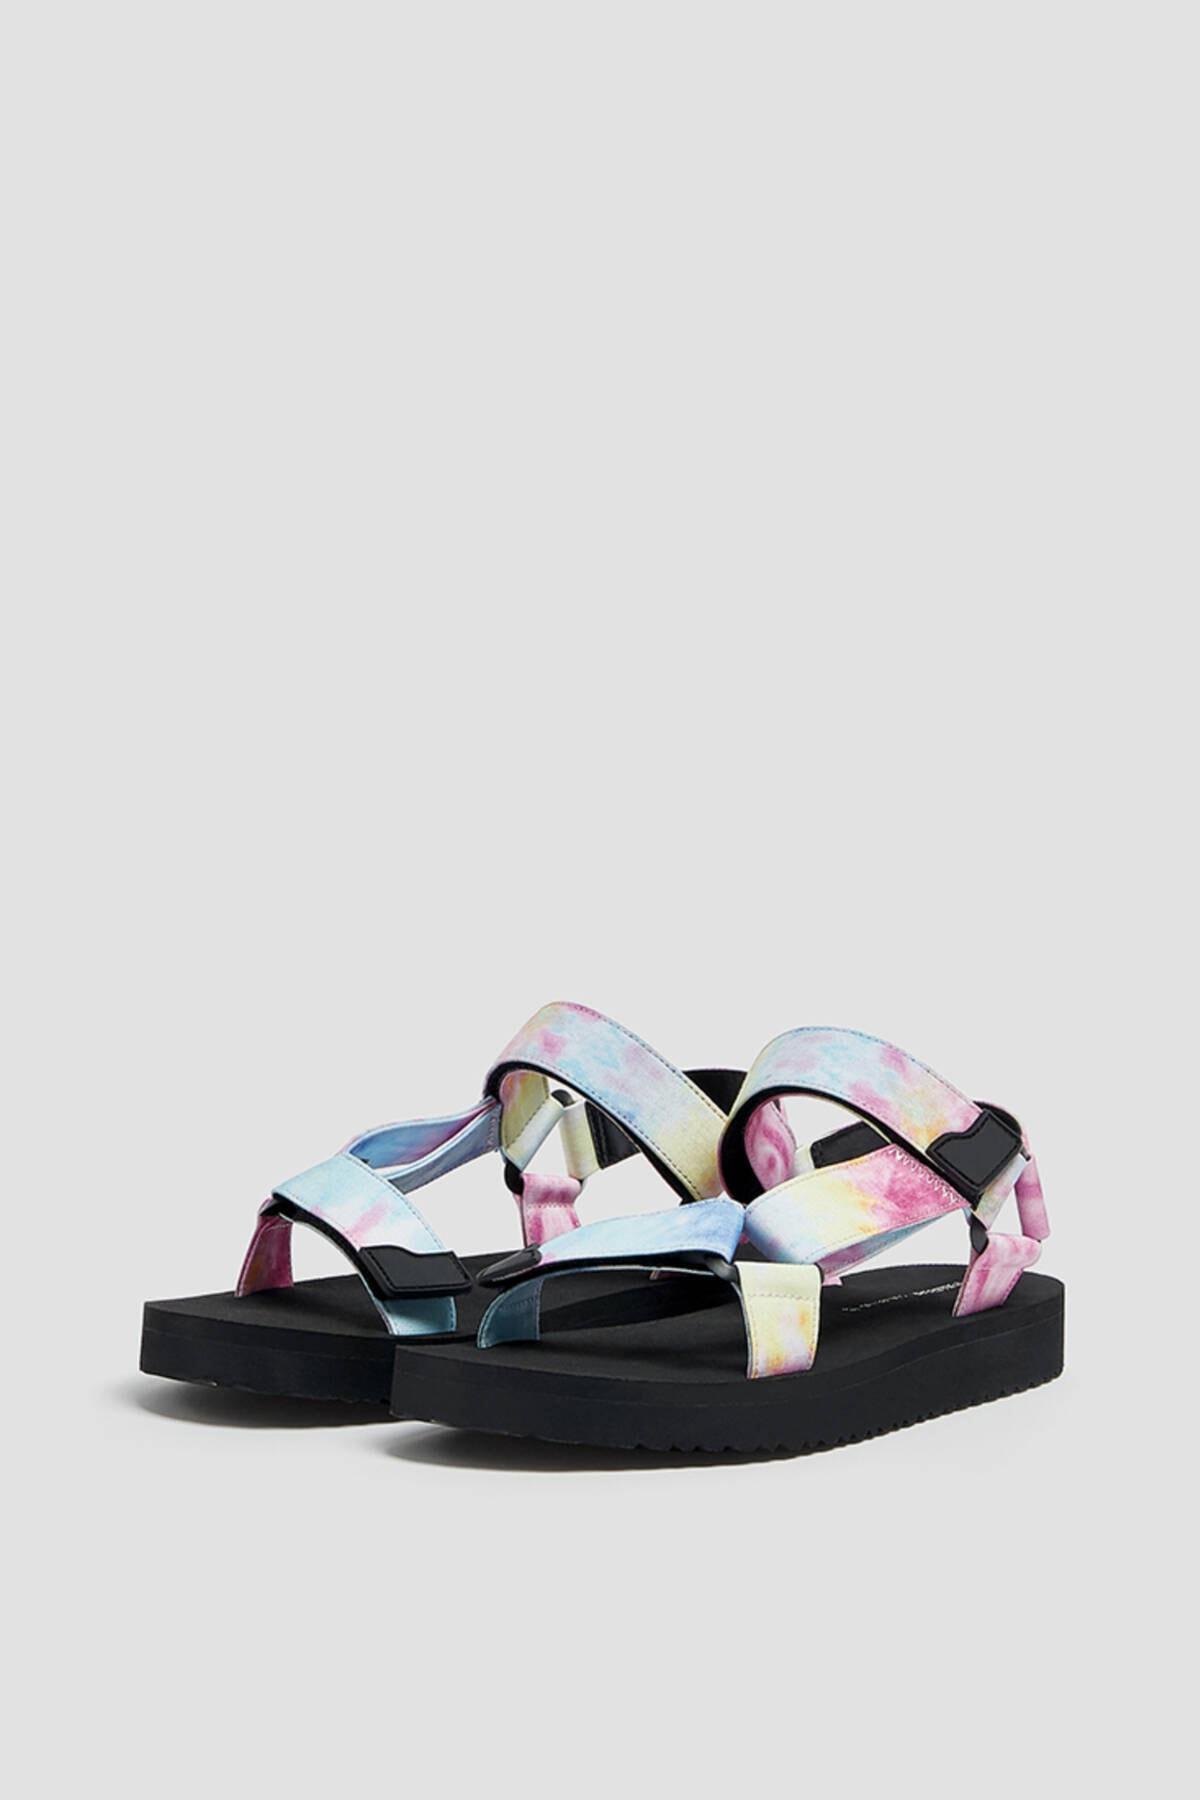 Pull & Bear Kadın Renkli Düz Bantlı Ve Tokalı Batik Desenli Sandalet 11704740 0